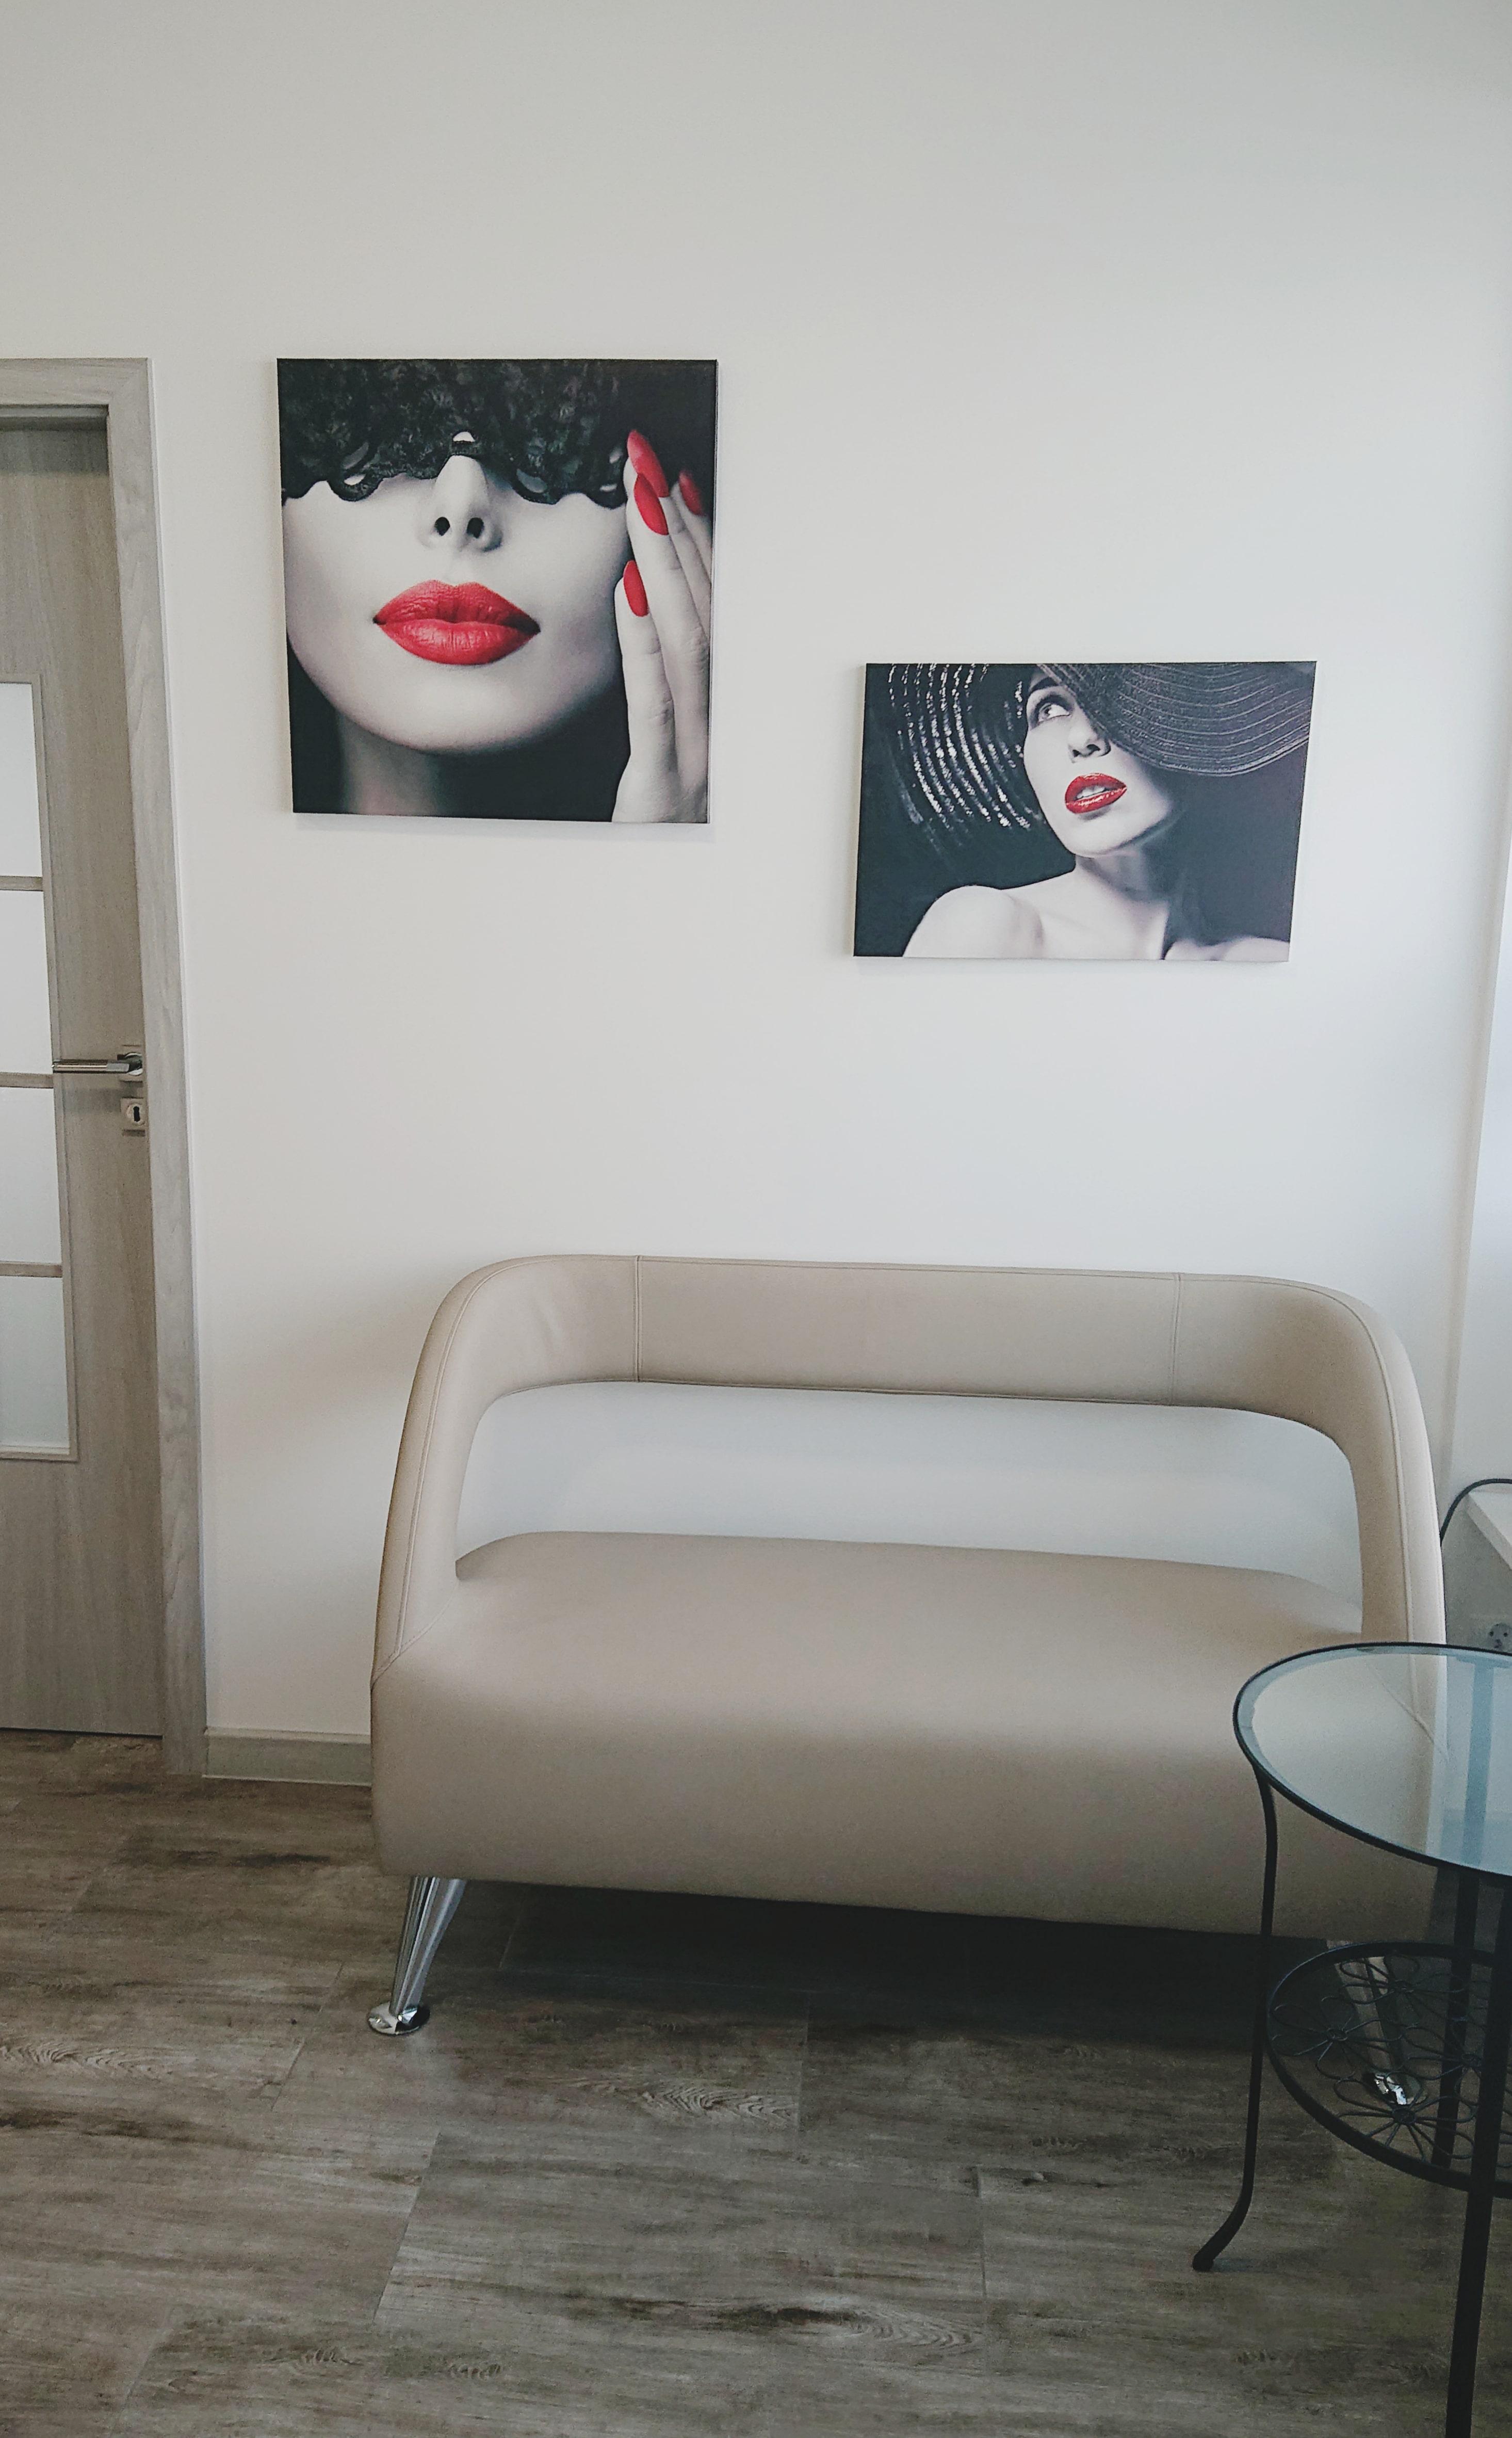 Showroom mebli kosmetycznych i urządzeń kosmetycznych Lapio Stalowa Wola 1.